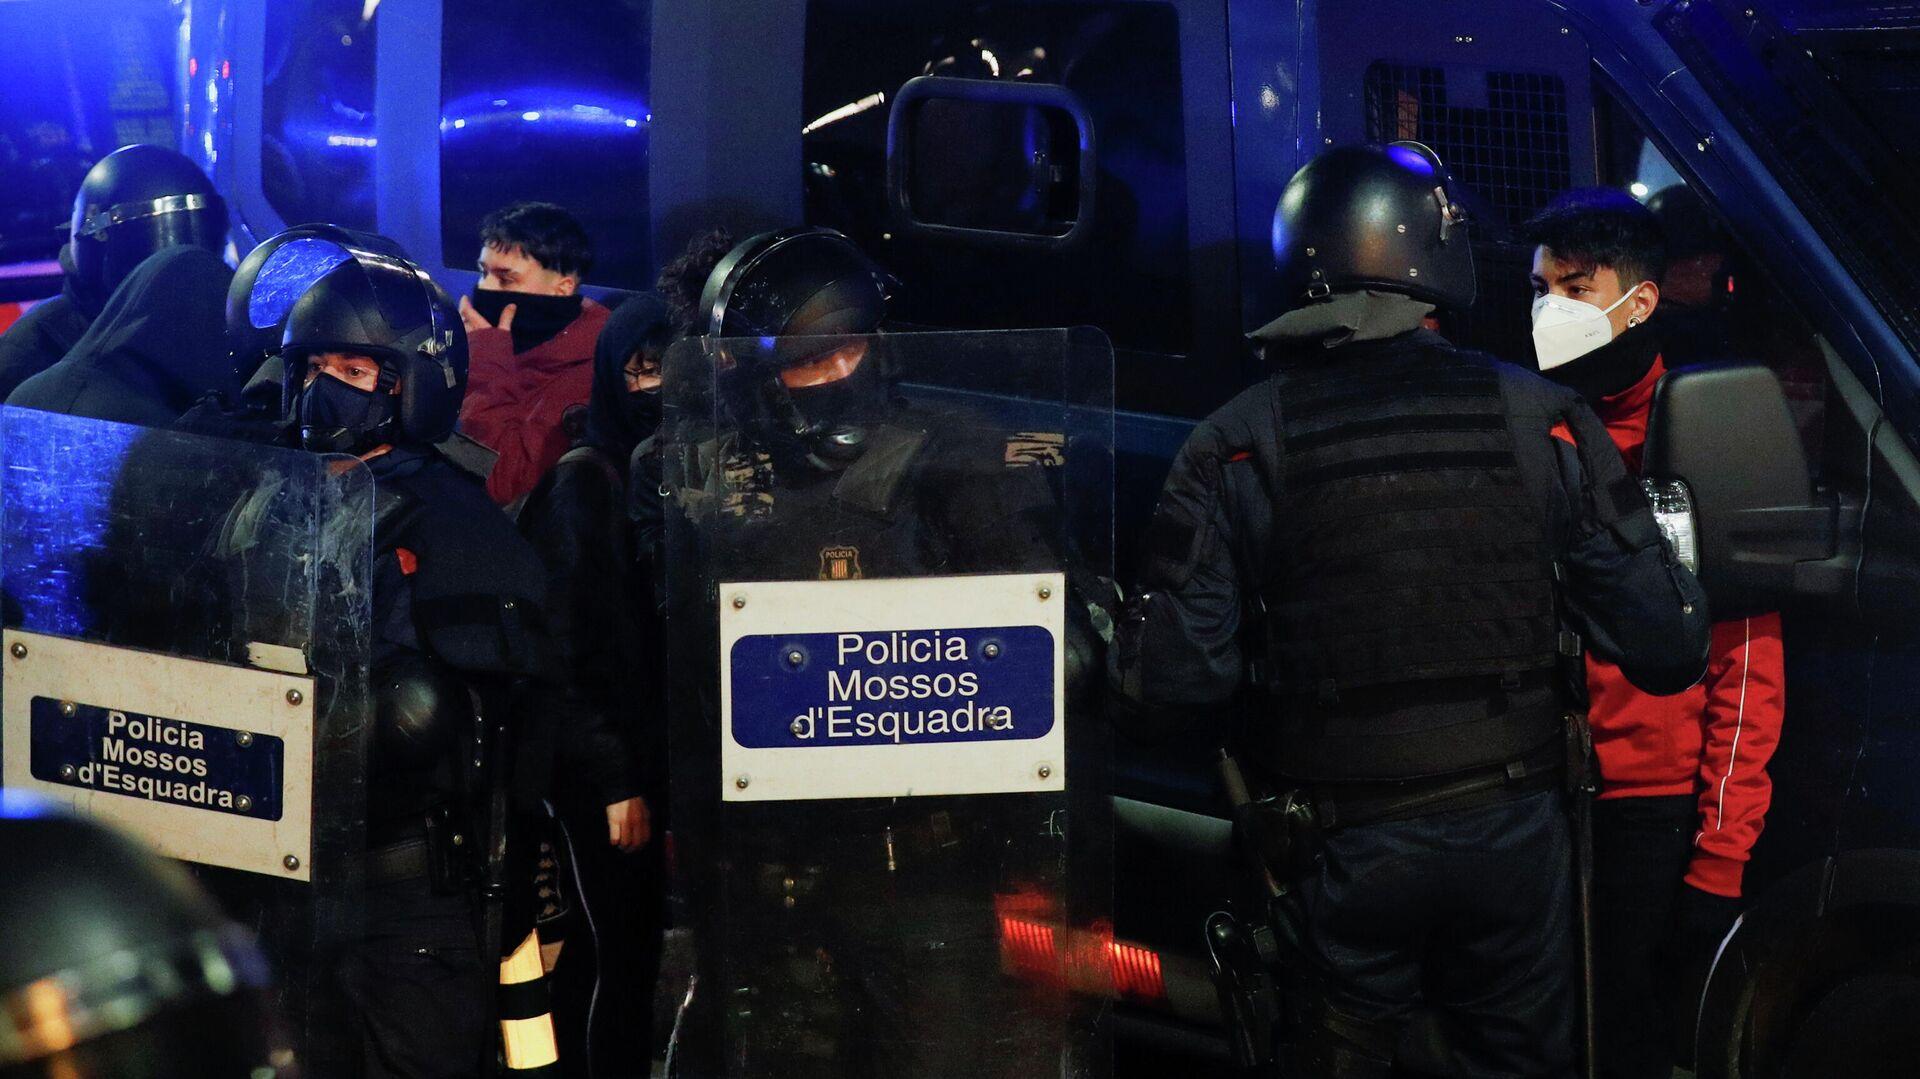 La Policía autonómica de Cataluña, los Mossos d'Esquadra, durante las protestas - Sputnik Mundo, 1920, 24.02.2021